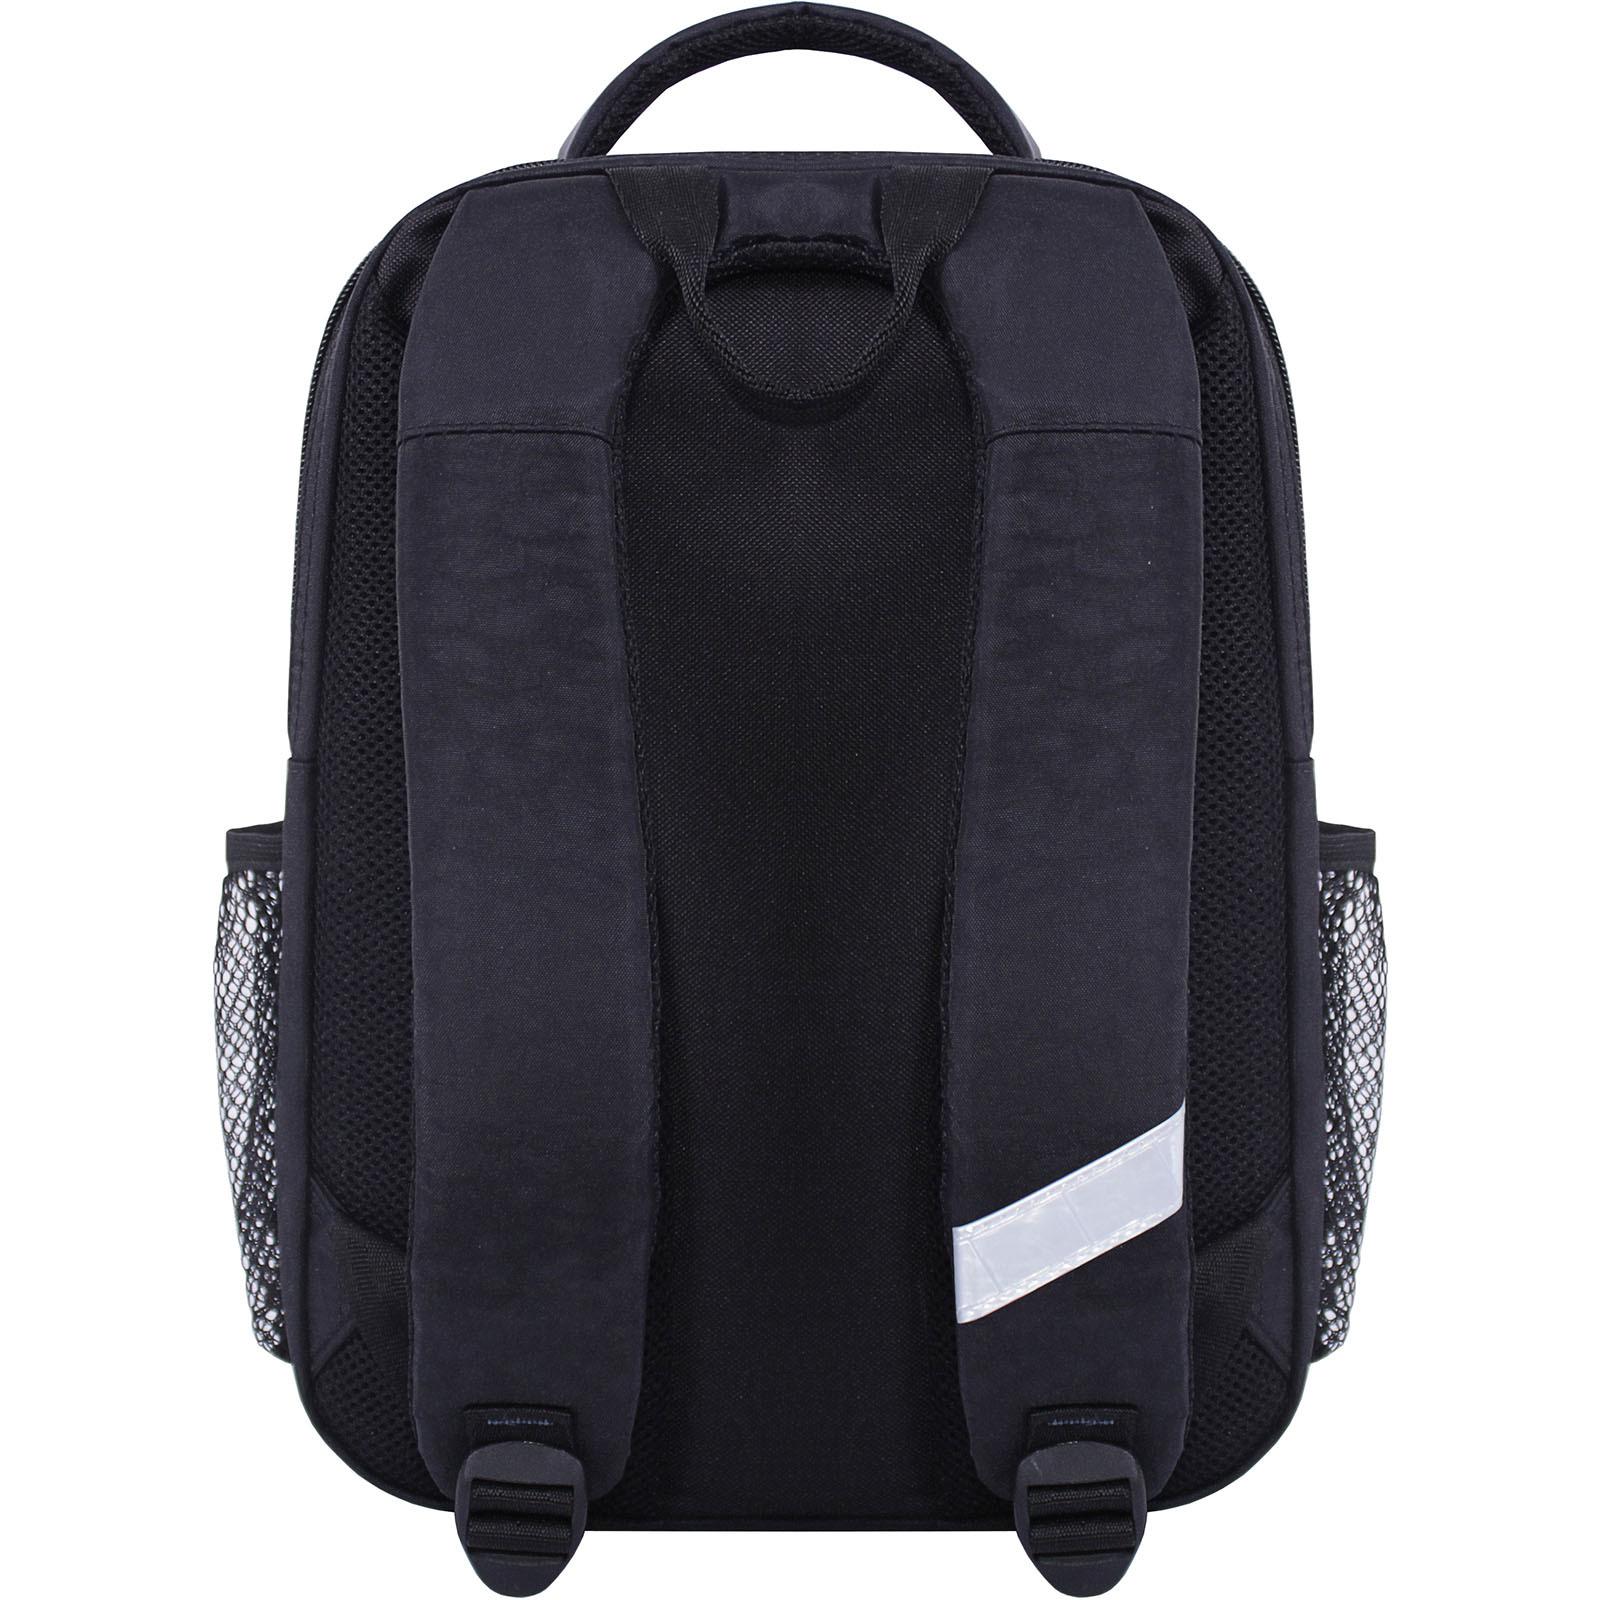 Рюкзак школьный Bagland Школьник 8 л. черный 609 (0012870) фото 3